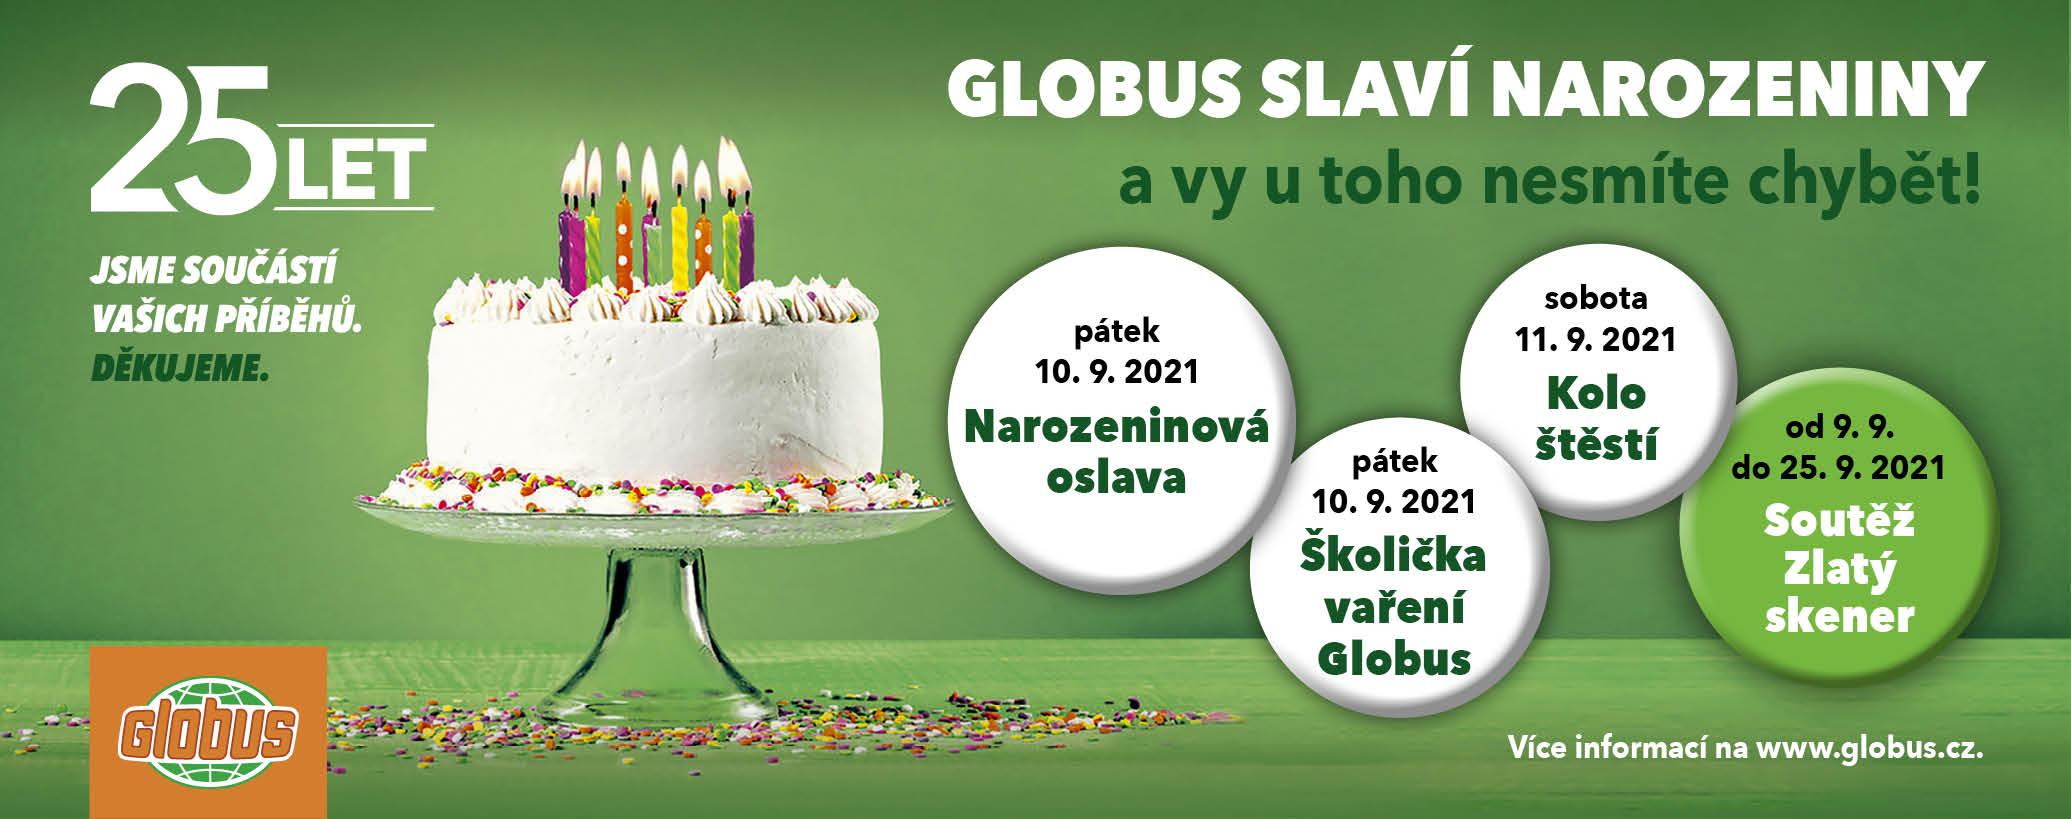 Globus slaví narozeniny